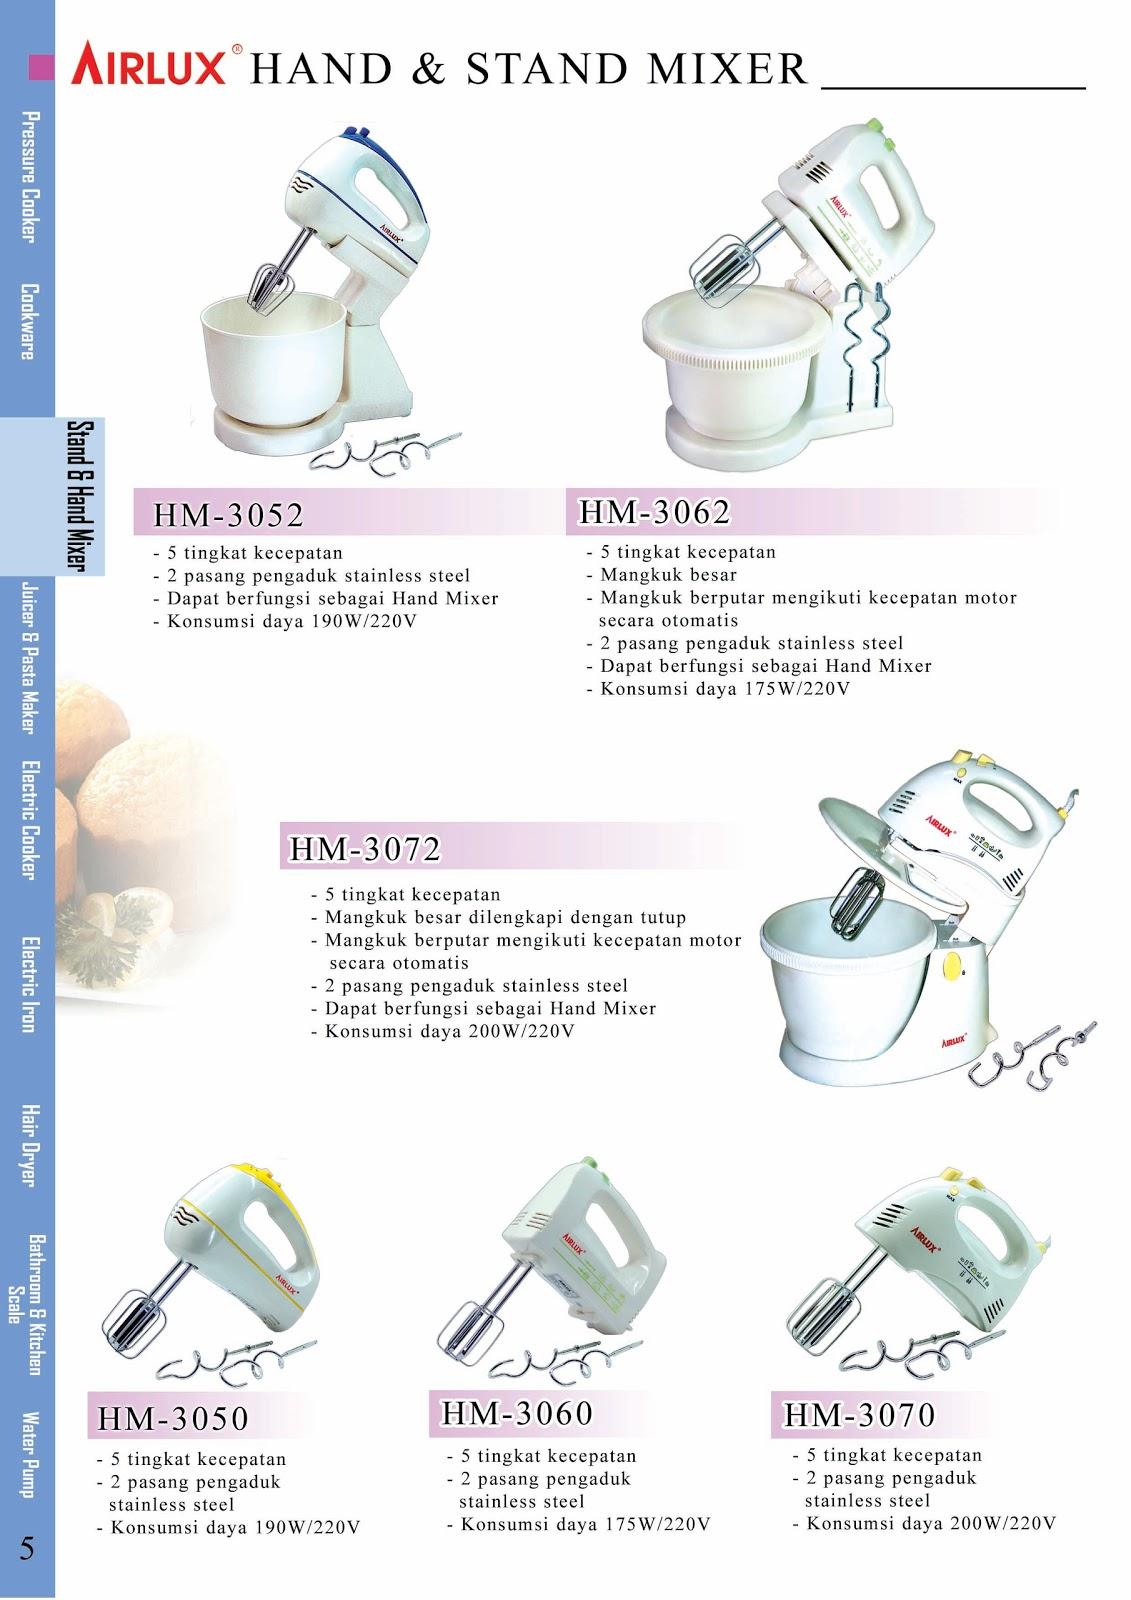 Airlux Hand Mixer Hm 30604 Daftar Harga Terkini Terlengkap 3060